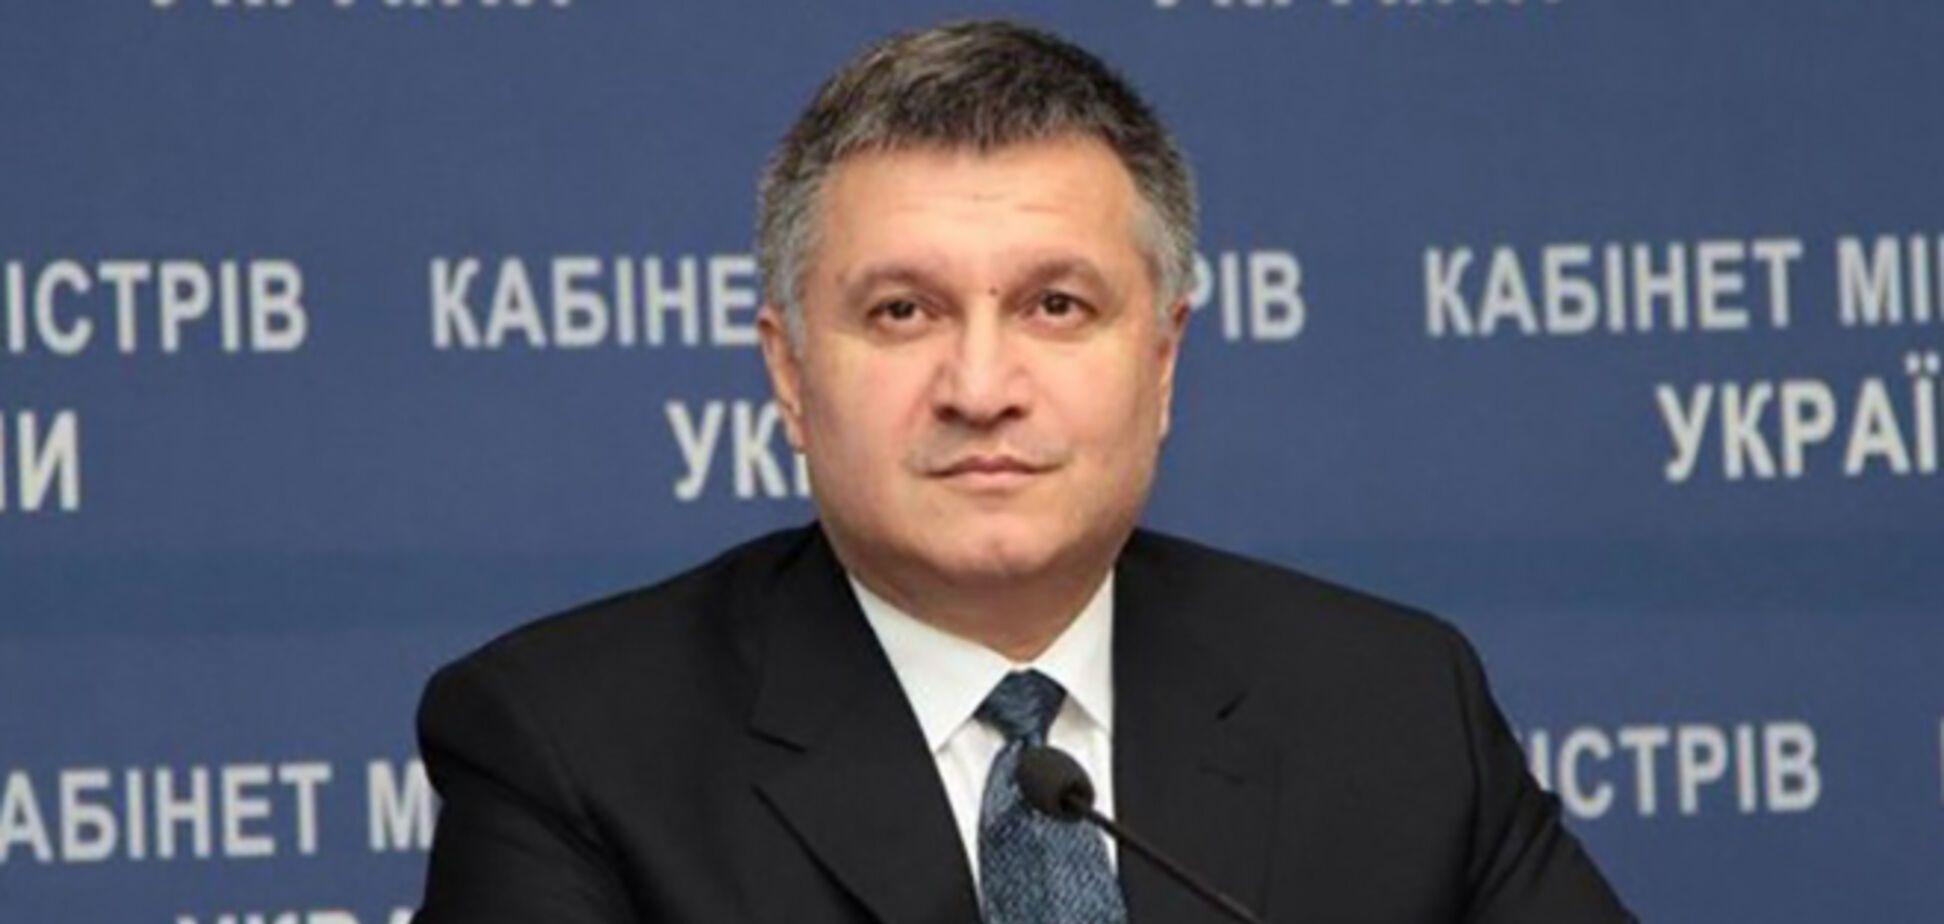 Зеленський пояснив, чому Аваков залишиться на посаді